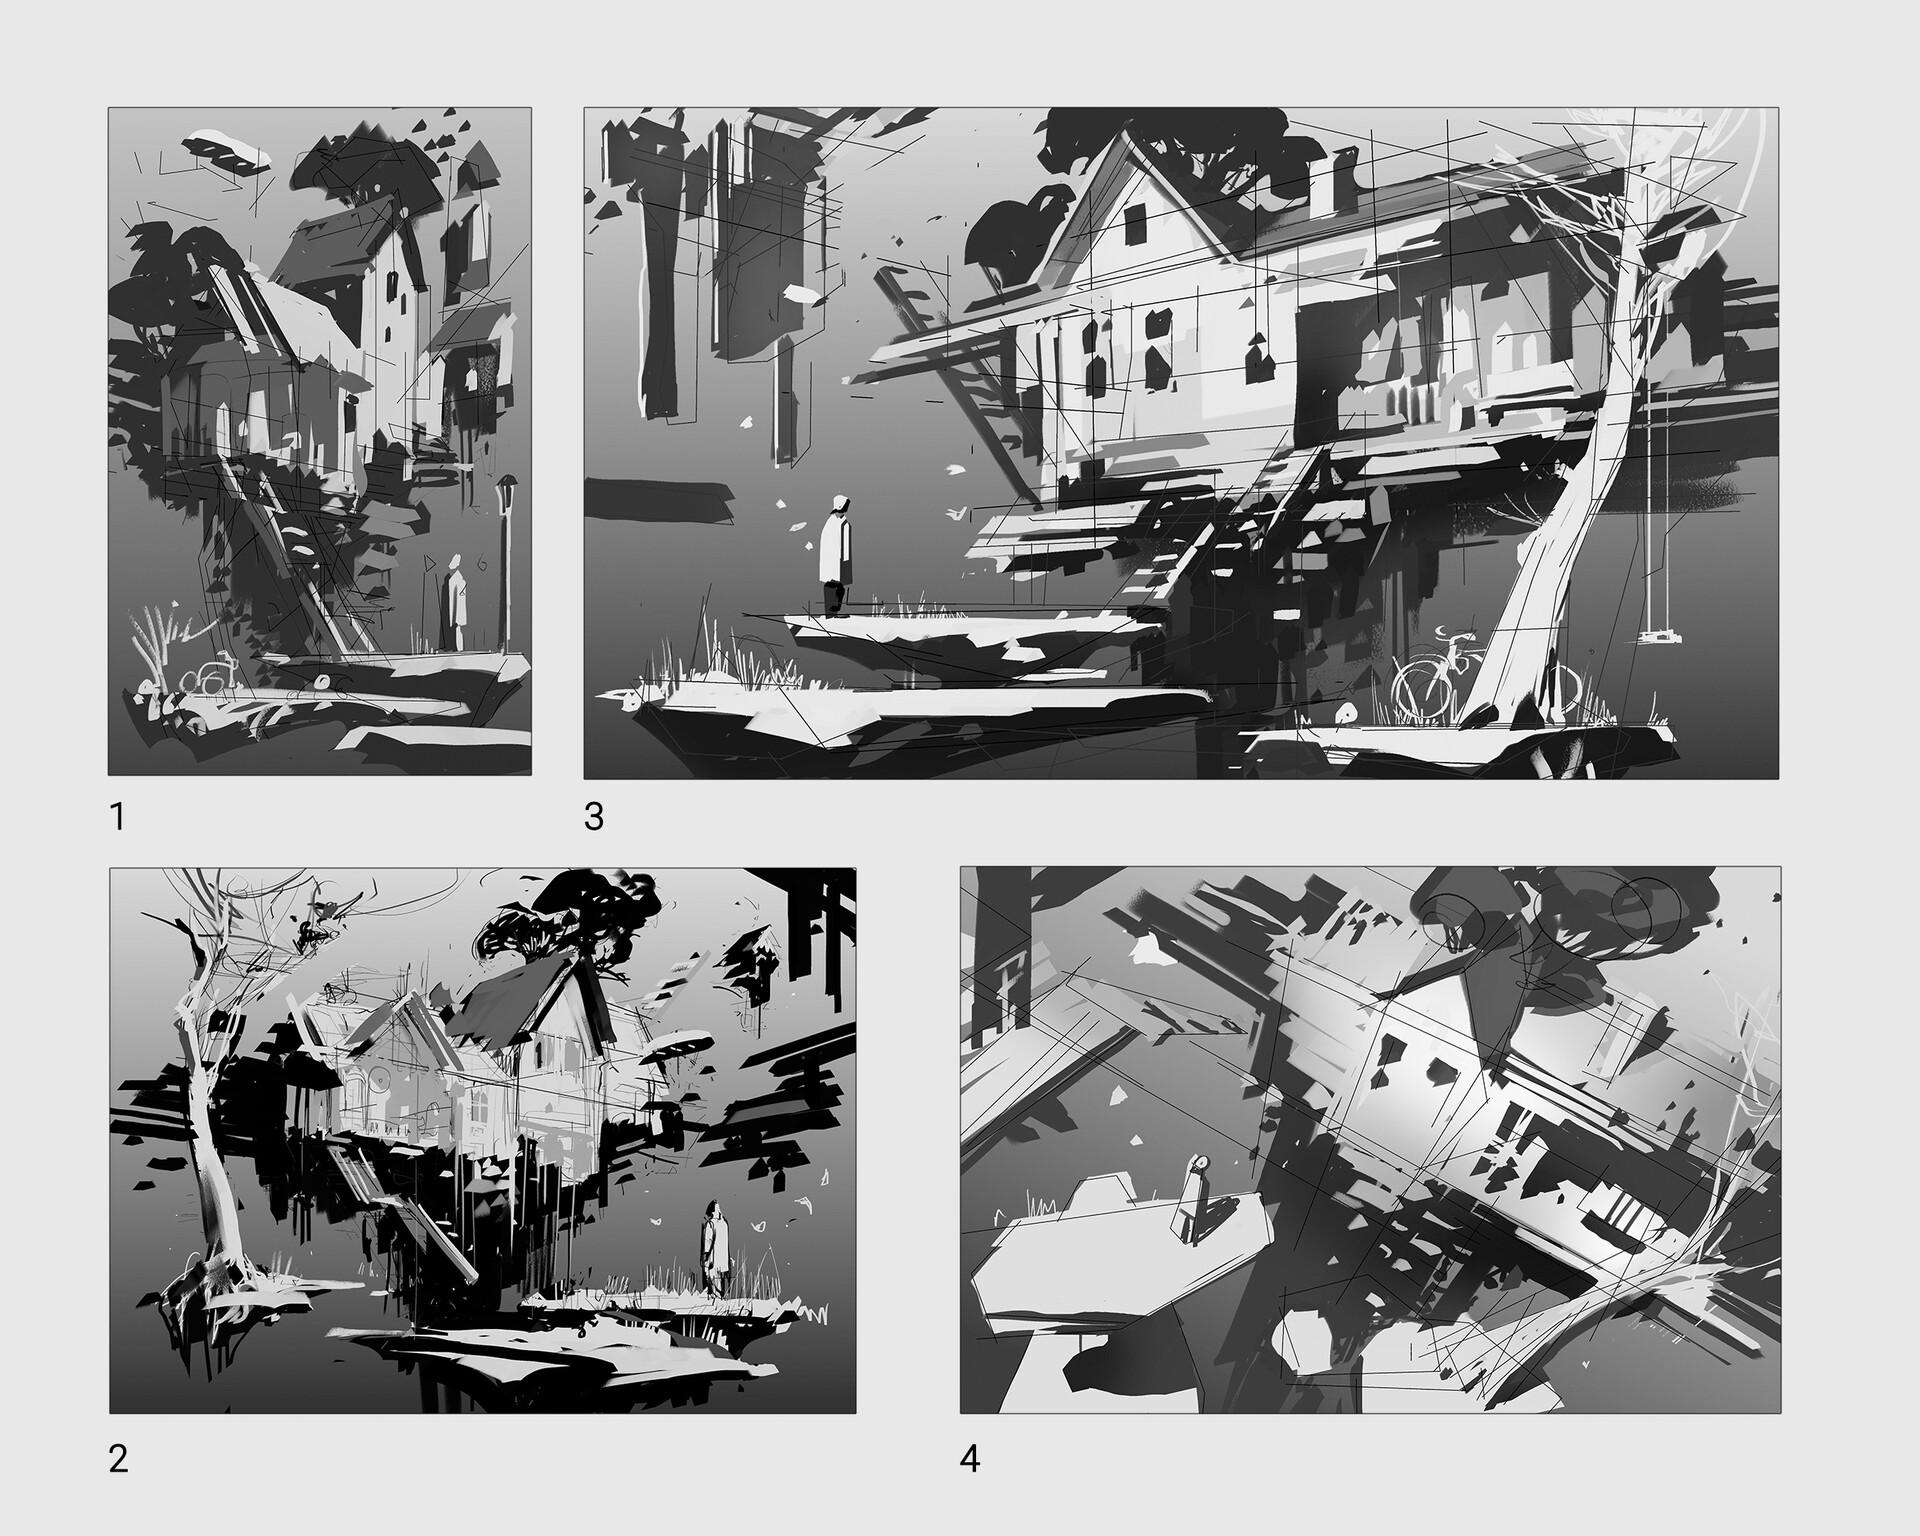 Pavel goloviy sketches